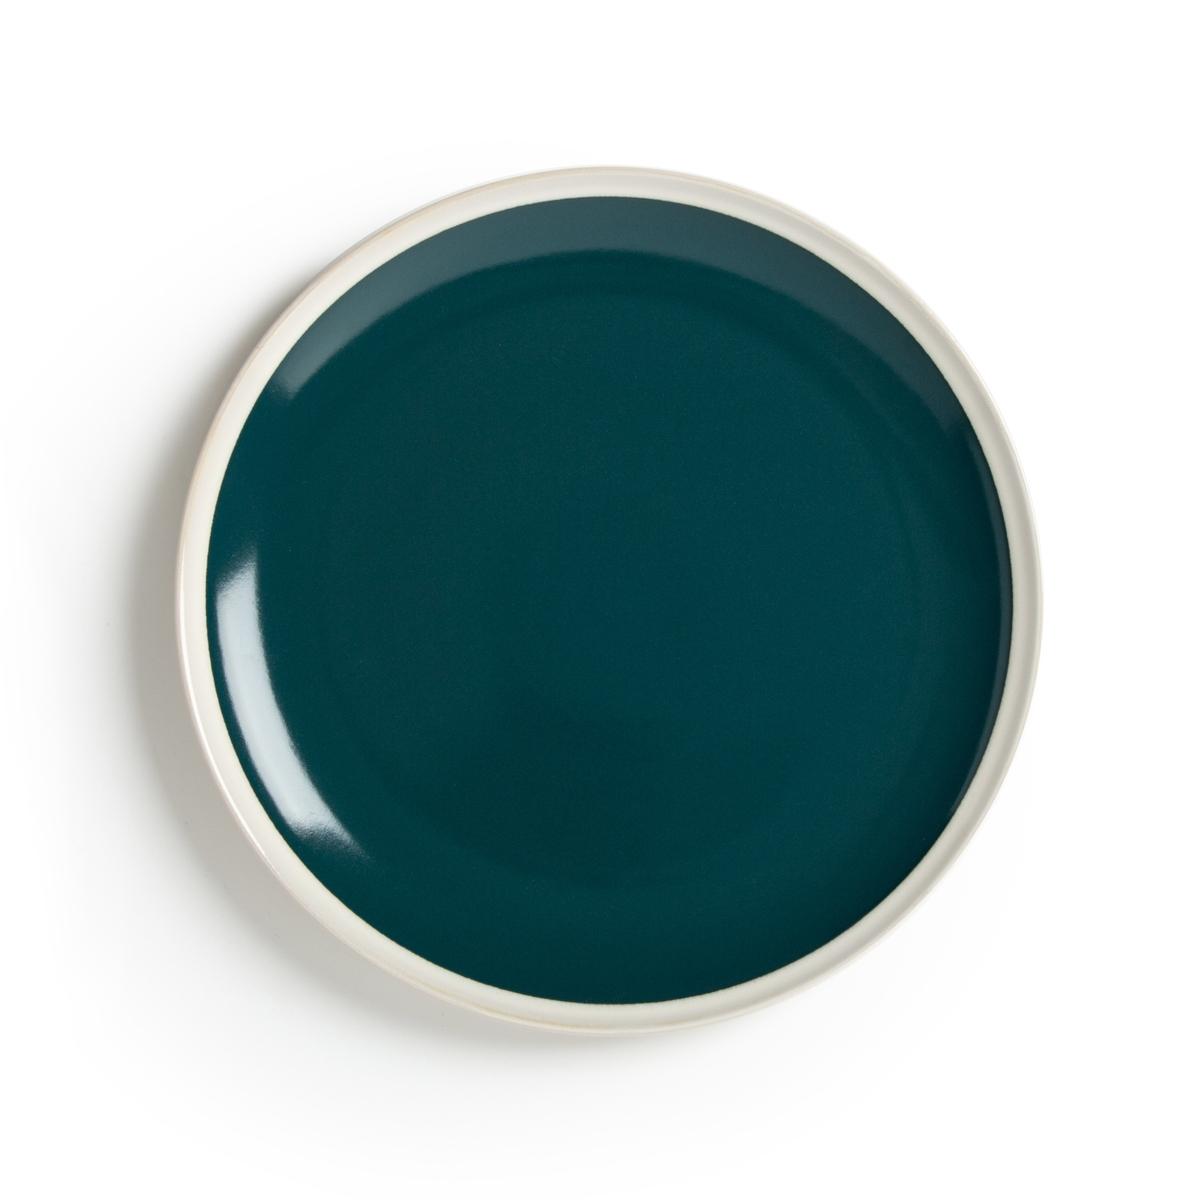 Комплект из плоских тарелок La Redoute Из керамики DEONIE единый размер зеленый чашки la redoute из керамики shima единый размер зеленый